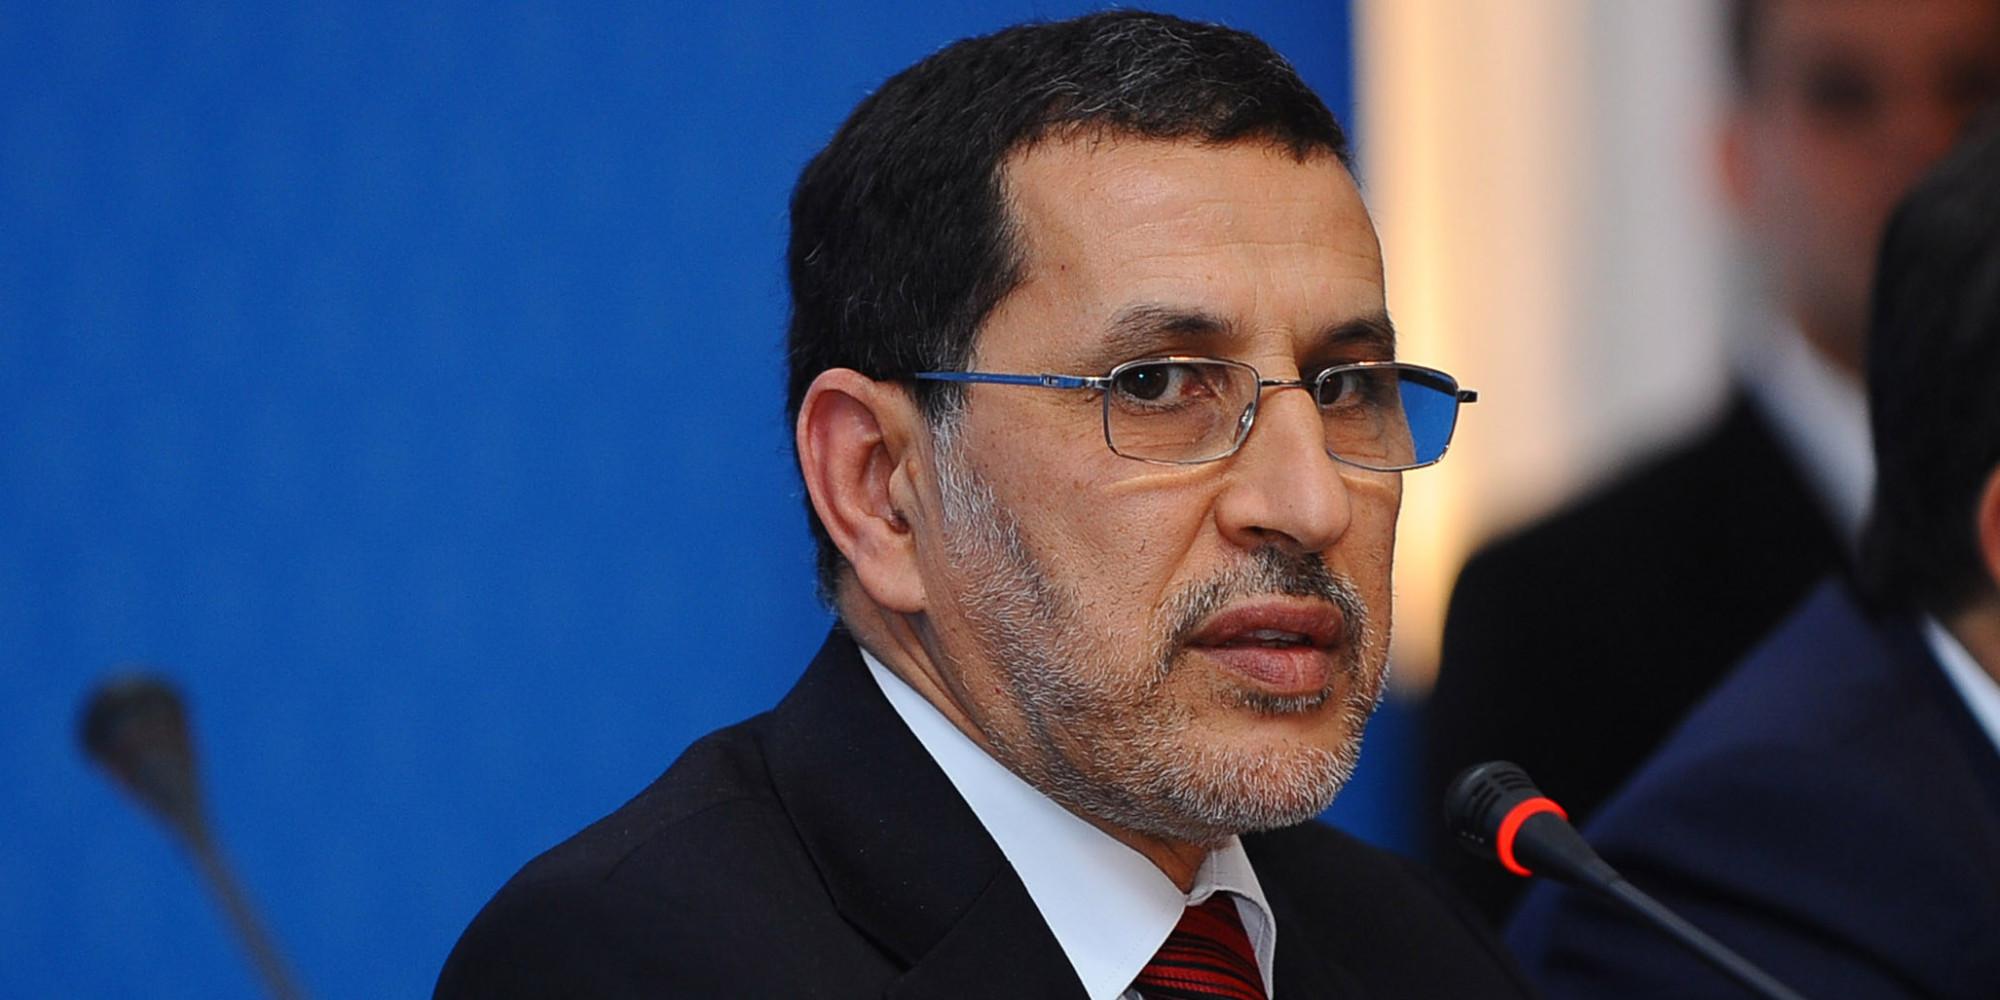 """العثماني: المغرب يتجه نحو التنقل الكهربائي """"بالسرعة اللازمة"""""""